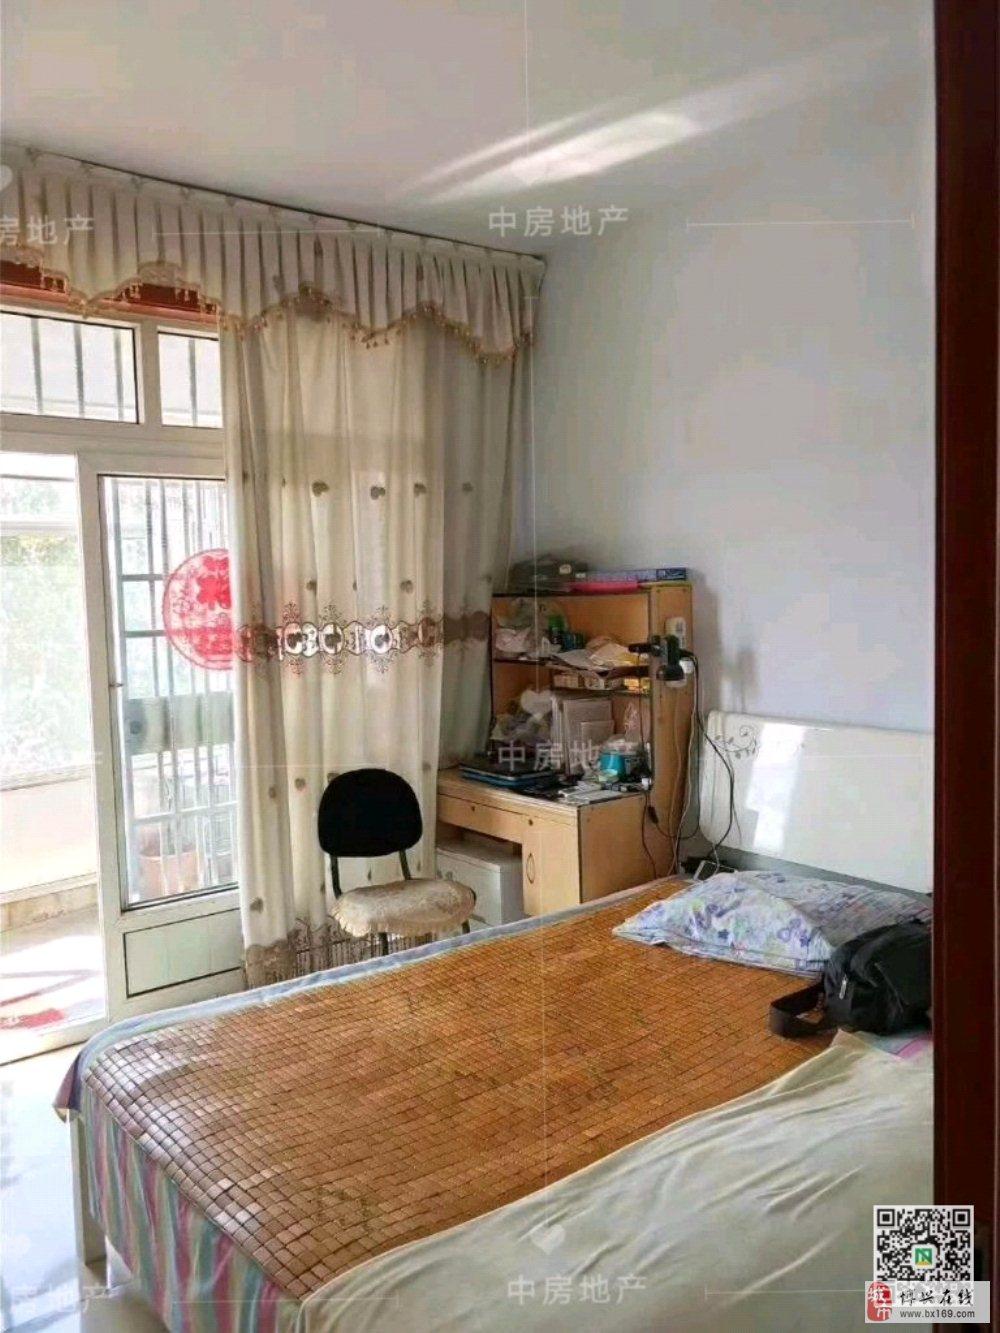 世纪明珠花园3室1厅1卫78万元